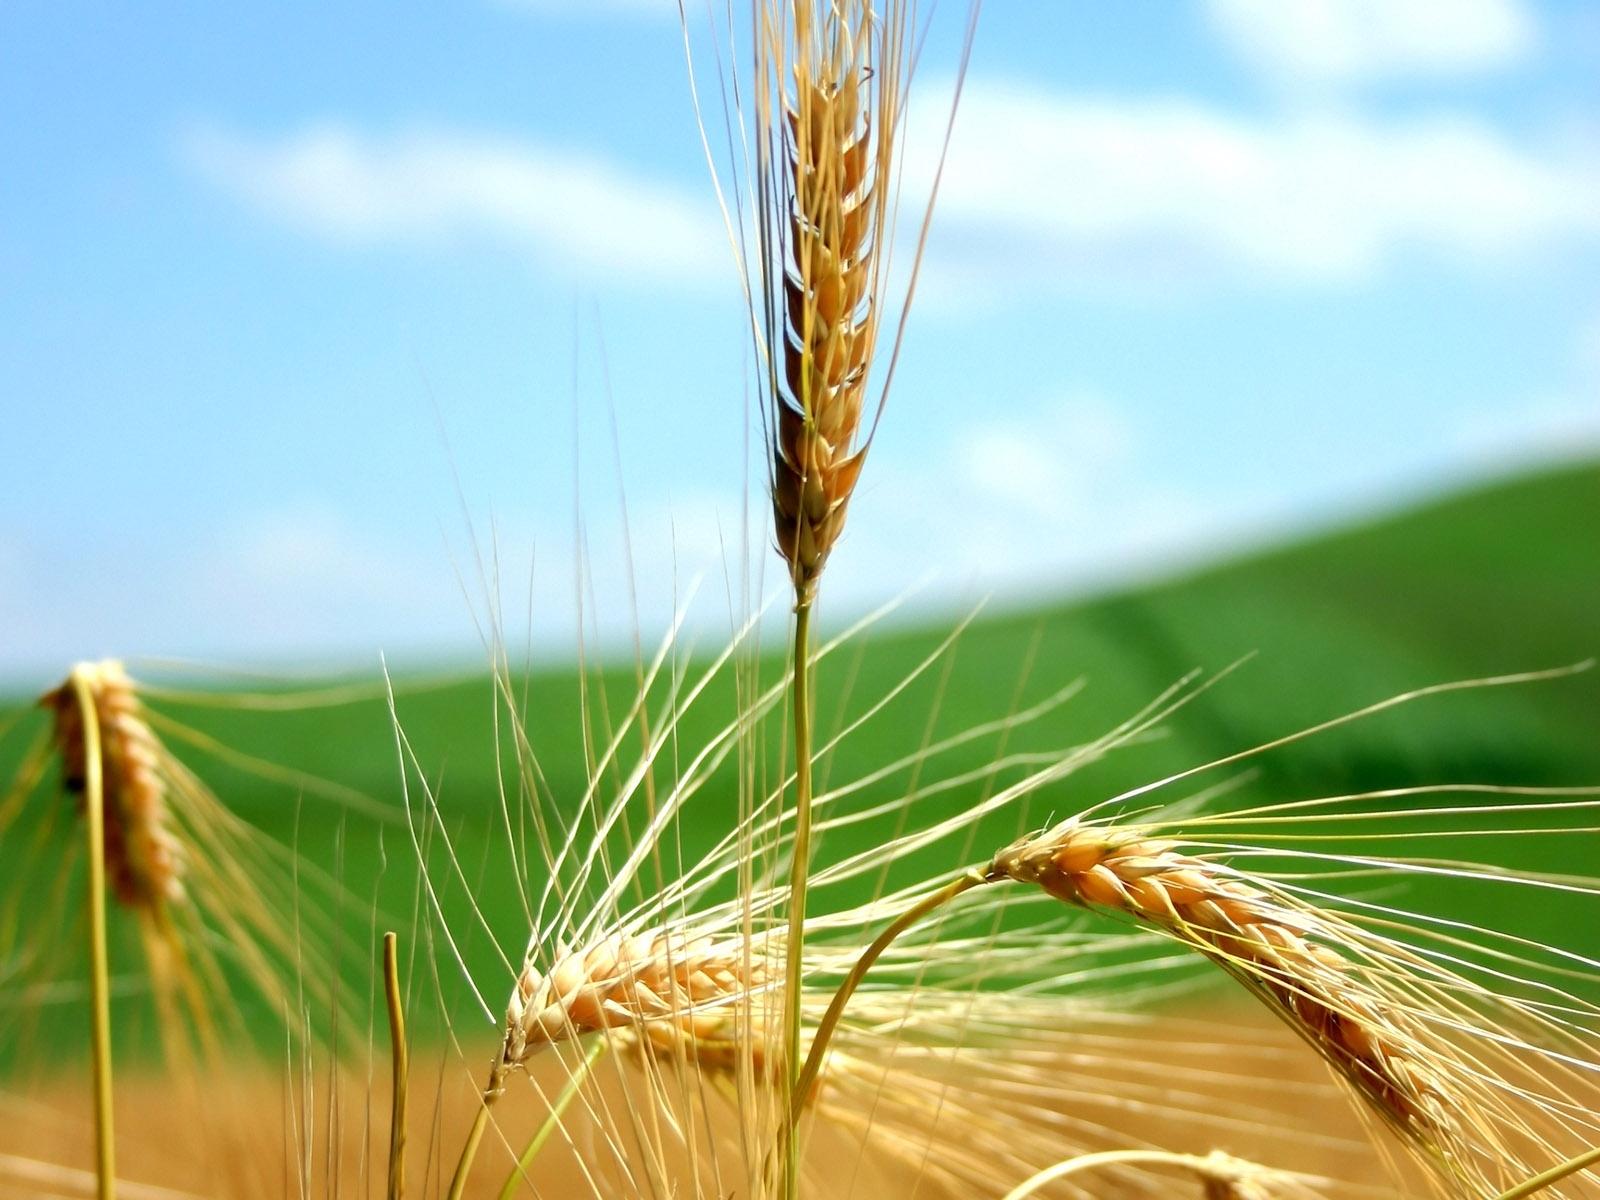 7152 скачать обои Растения, Пшеница - заставки и картинки бесплатно